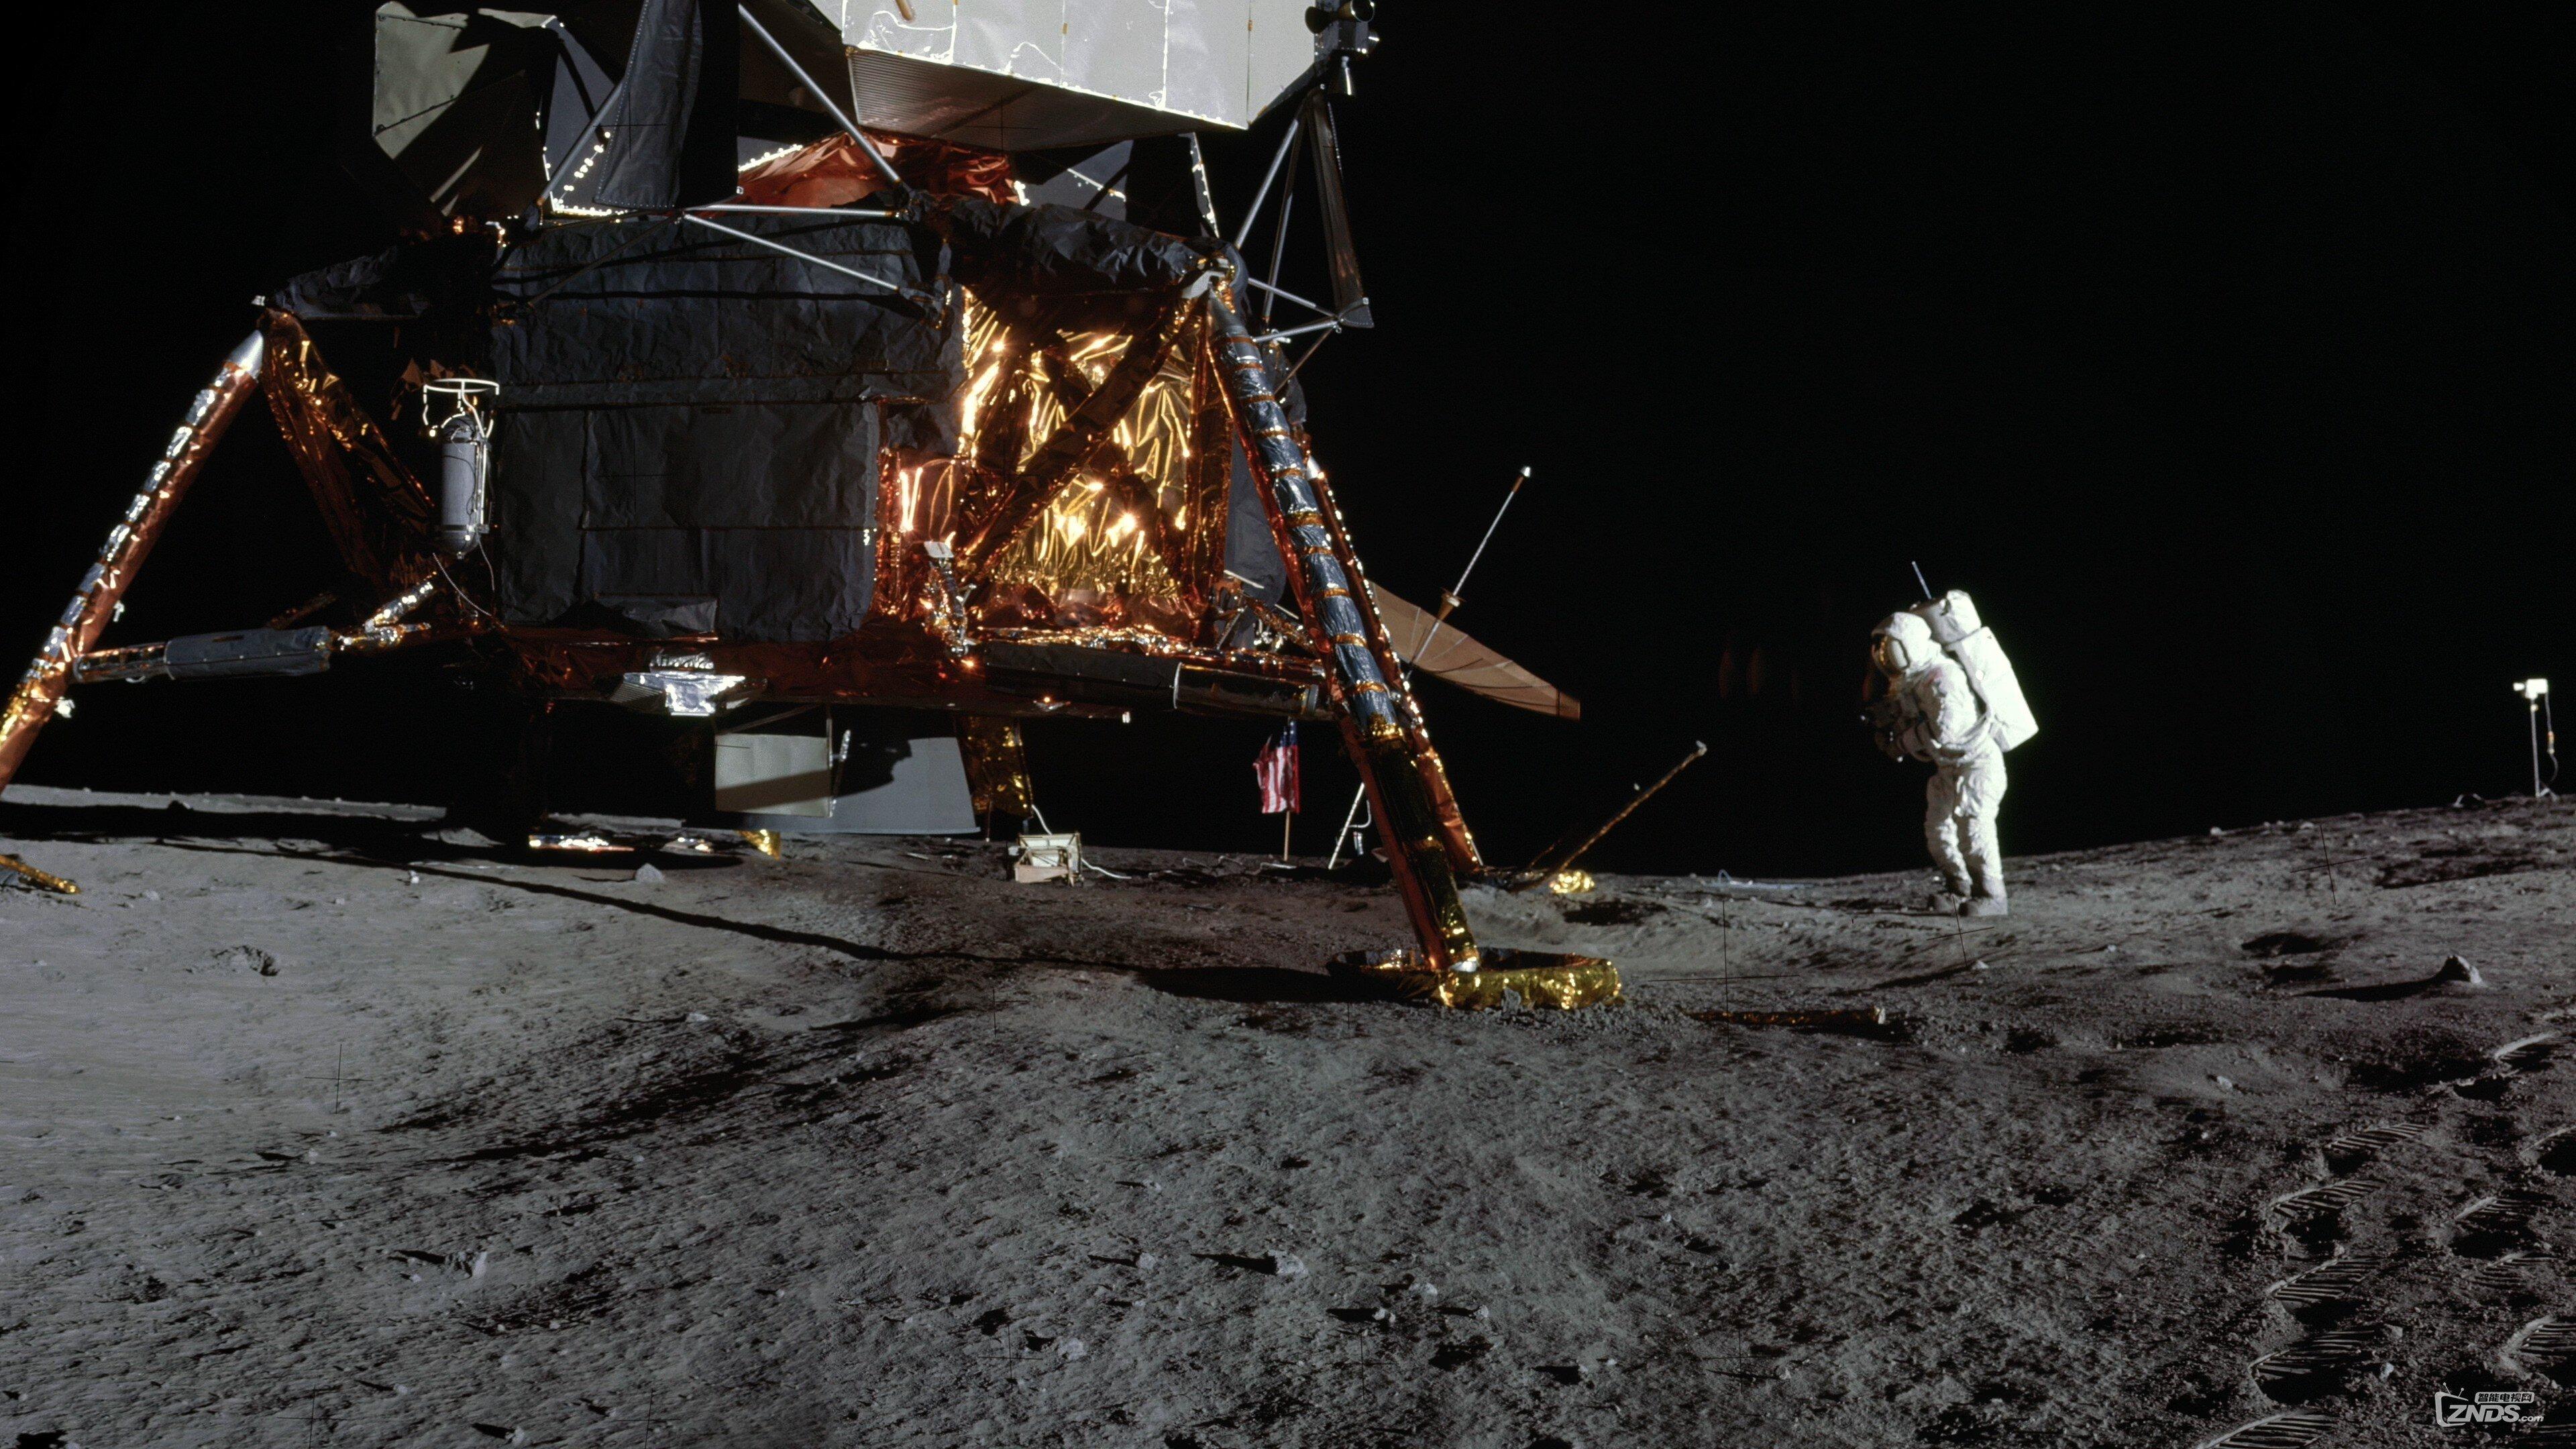 LG.OLED.4K.DEMO_NASA.Two.ts_2017_04.jpg